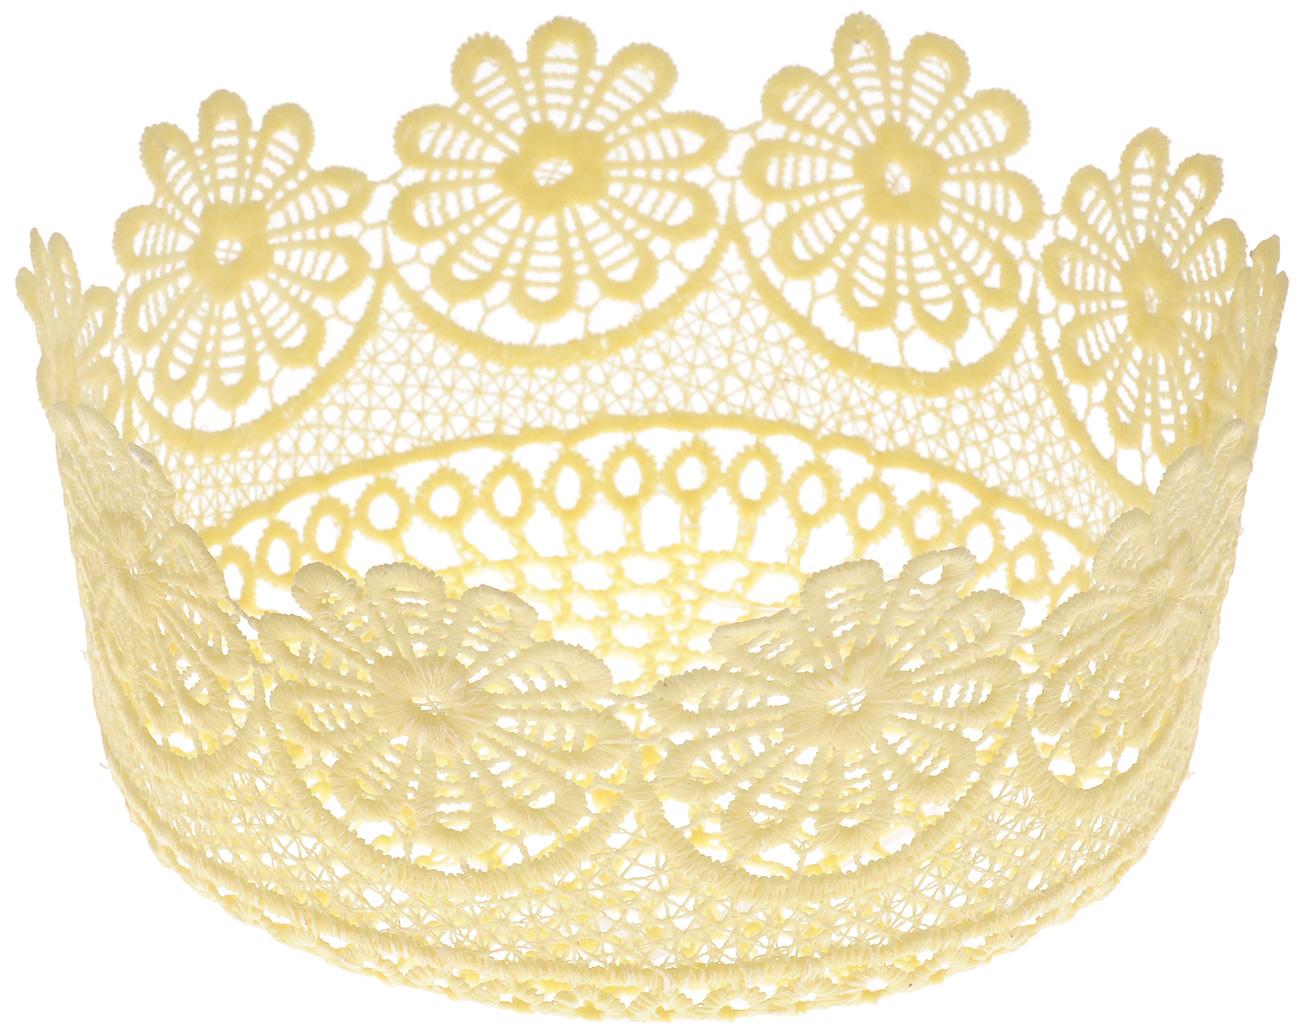 Корзина декоративная Home Queen Ромашки, цвет: желтый, диаметр 17 см68/5/4Декоративная ажурная корзина Home Queen Ромашки, выполненная из полиэстера, предназначена для хранения различных мелочей и аксессуаров, также отлично подойдет для пасхальных яиц и кулича. Изделие имеет жесткую форму.Такая корзина станет оригинальным украшением интерьера к Пасхе.